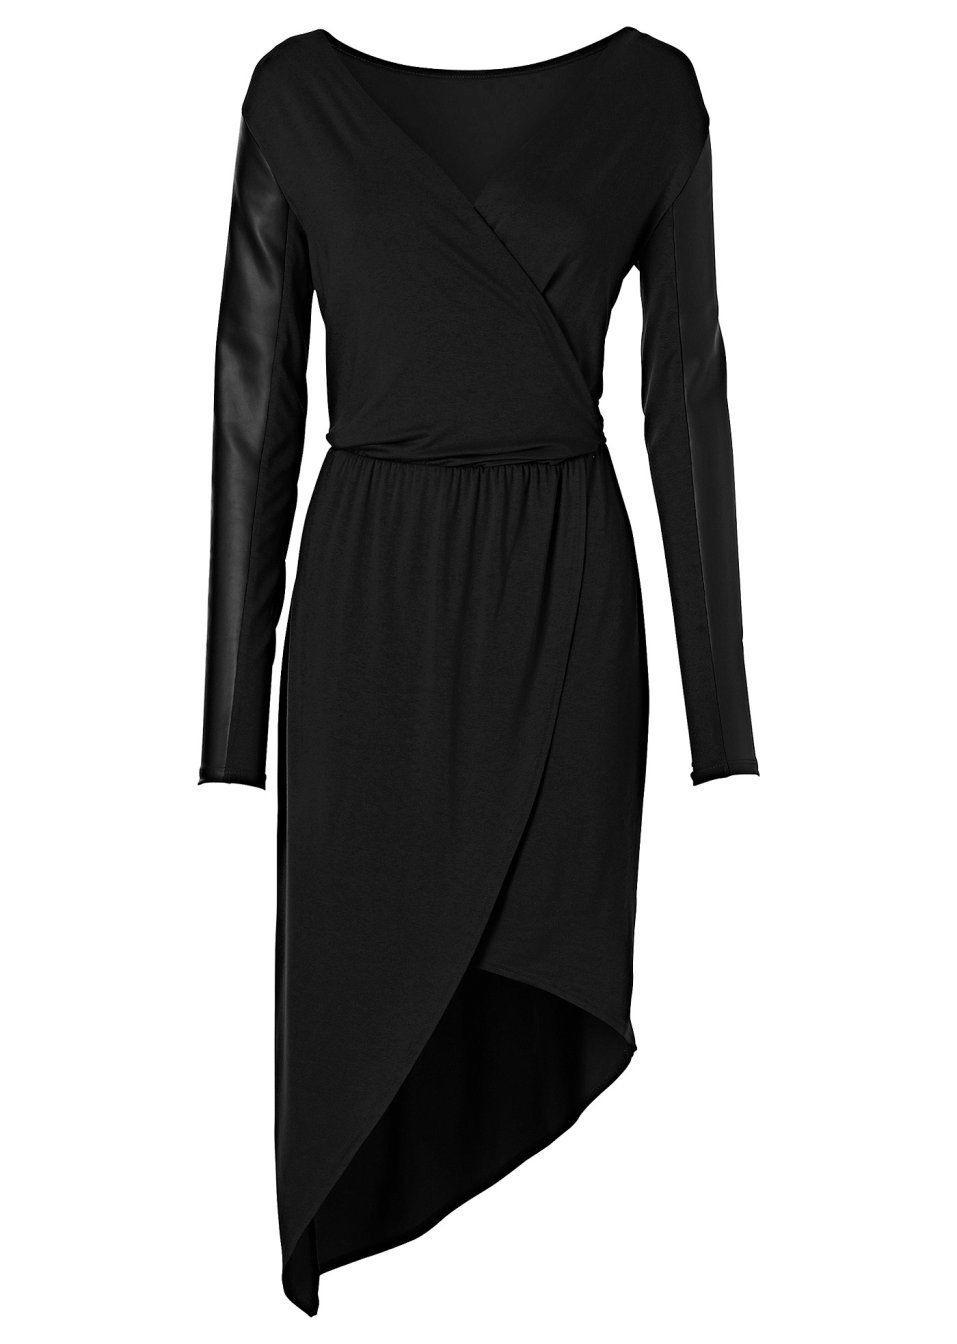 17 Einzigartig Abendkleid Wickelkleid Stylish17 Luxurius Abendkleid Wickelkleid Vertrieb